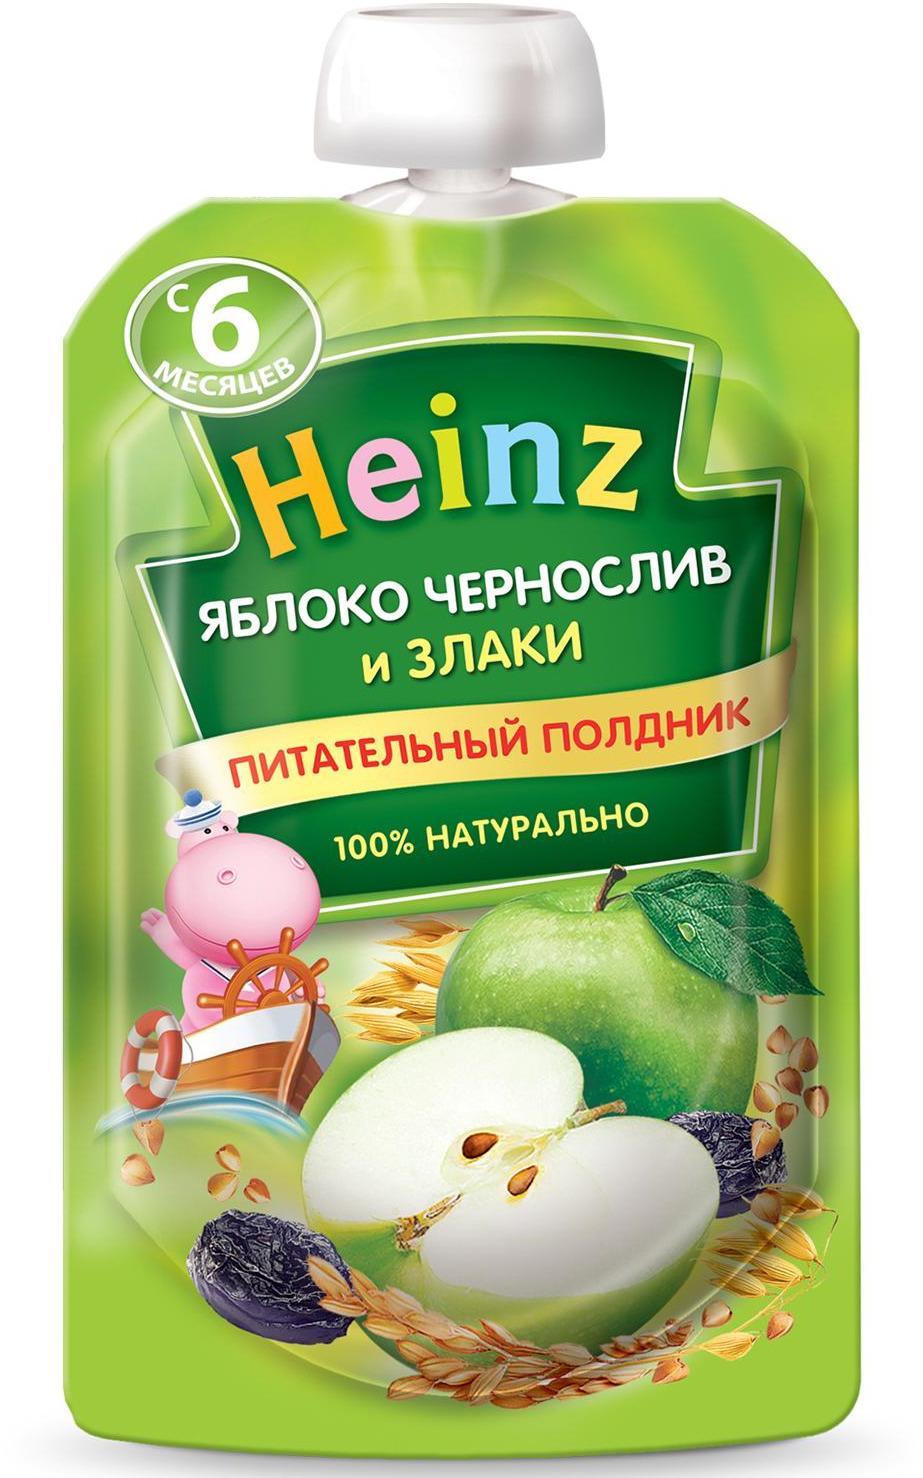 Пюре Heinz из яблок и чернослива со злаками, с 6 месяцев, 90 г